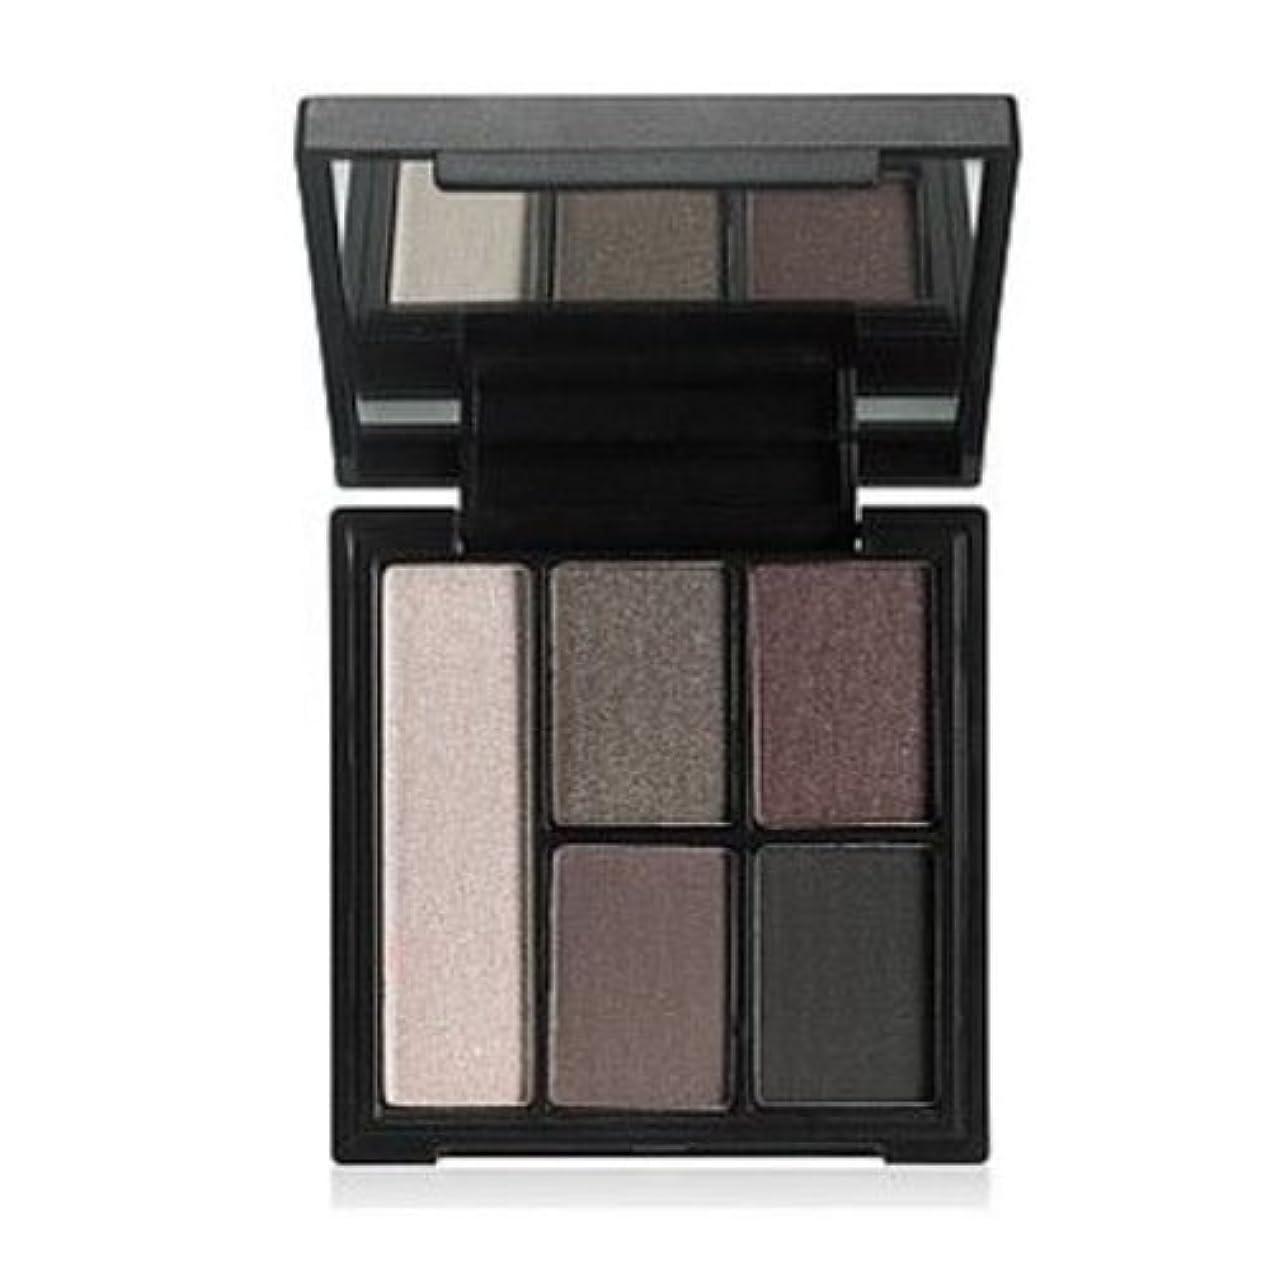 研磨剤アクセスできない人類(3 Pack) e.l.f. Clay Eyeshadow Palette - Smoked to Prfection (並行輸入品)